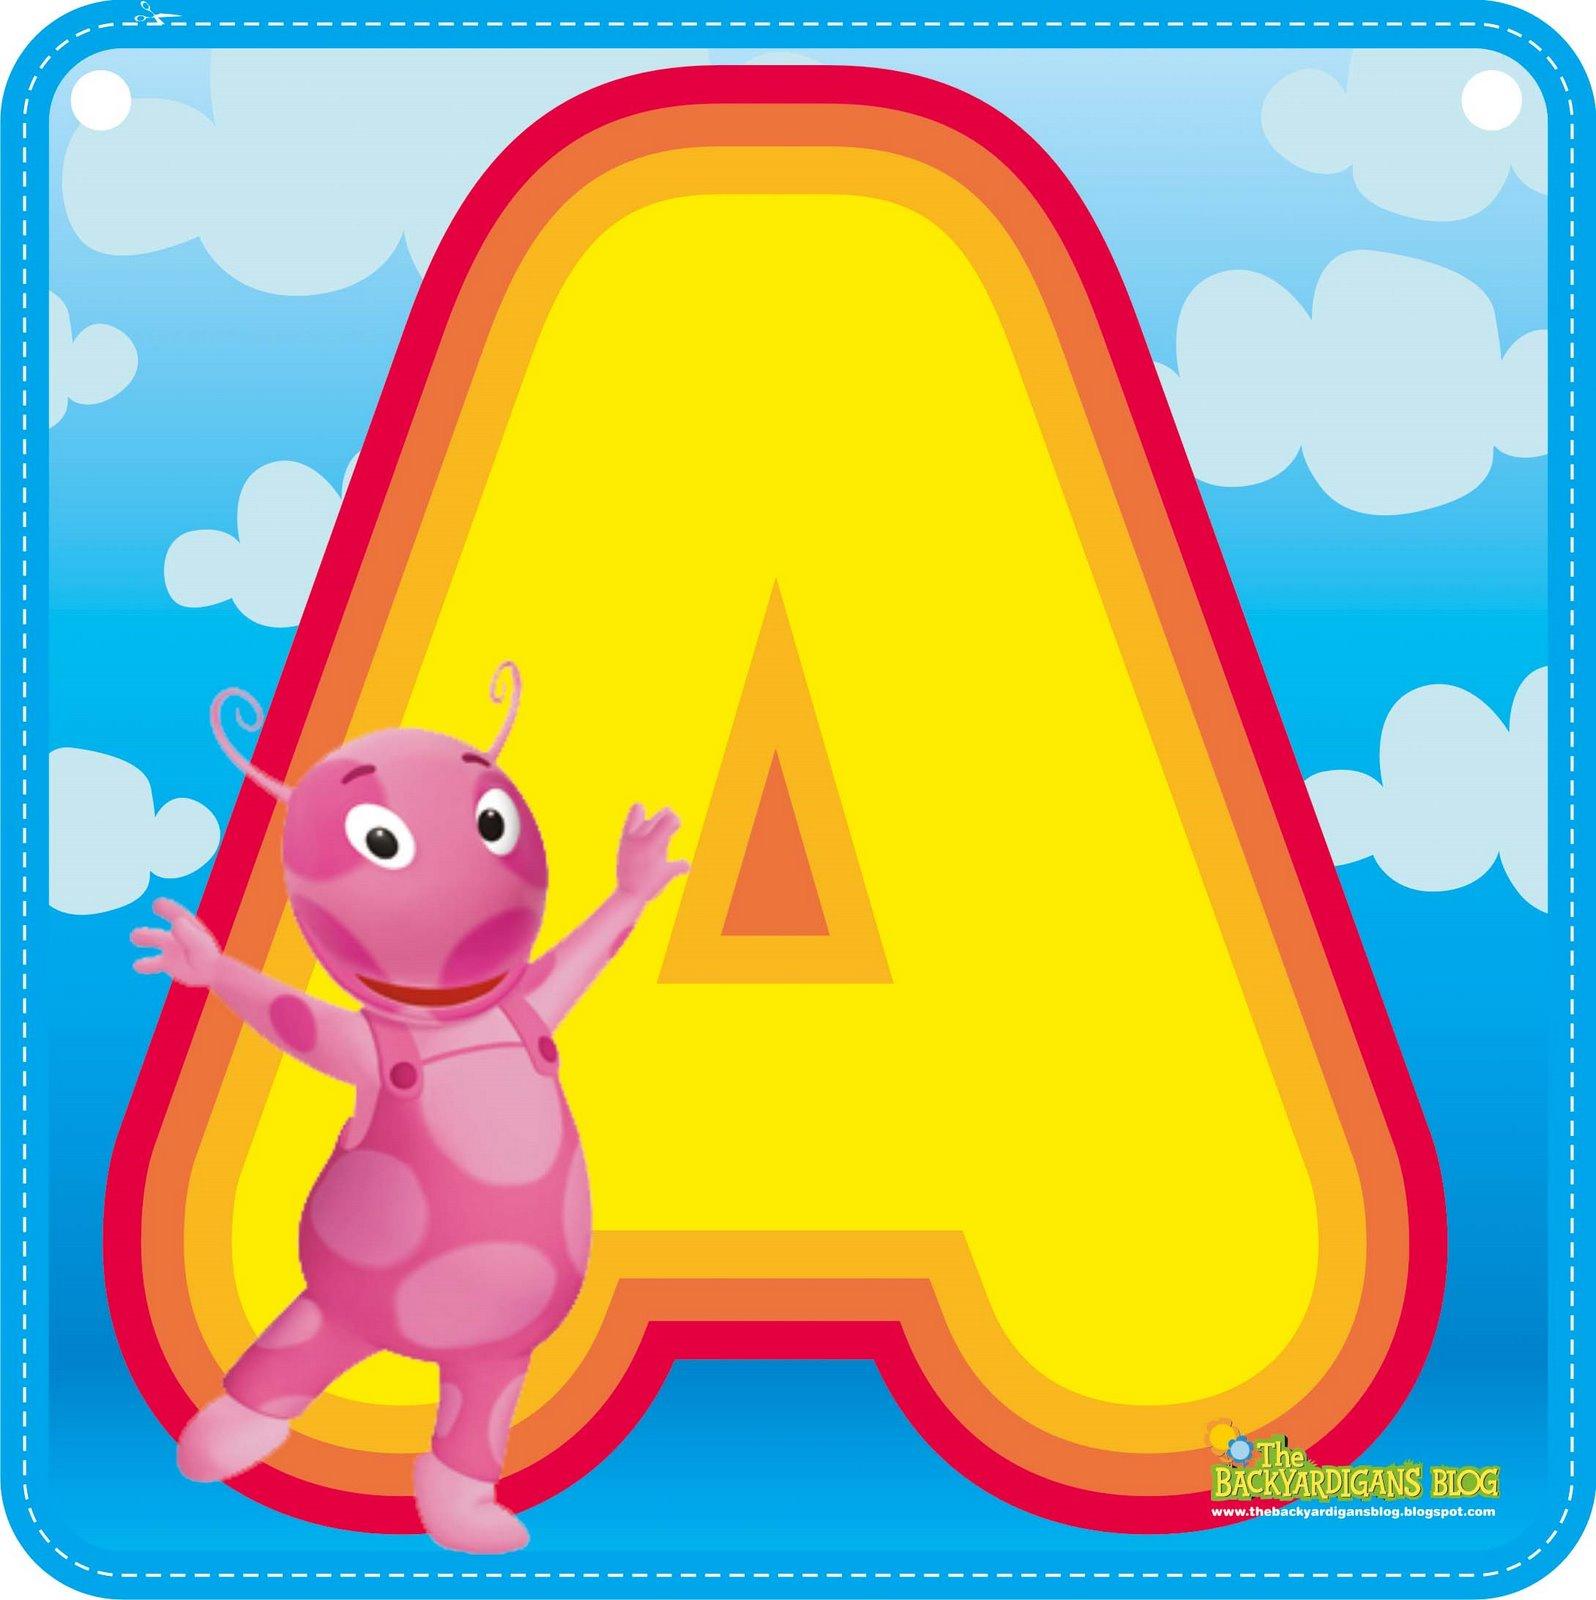 un abecedario backyardigans las imágenes pueden se pueden imprimir y ...